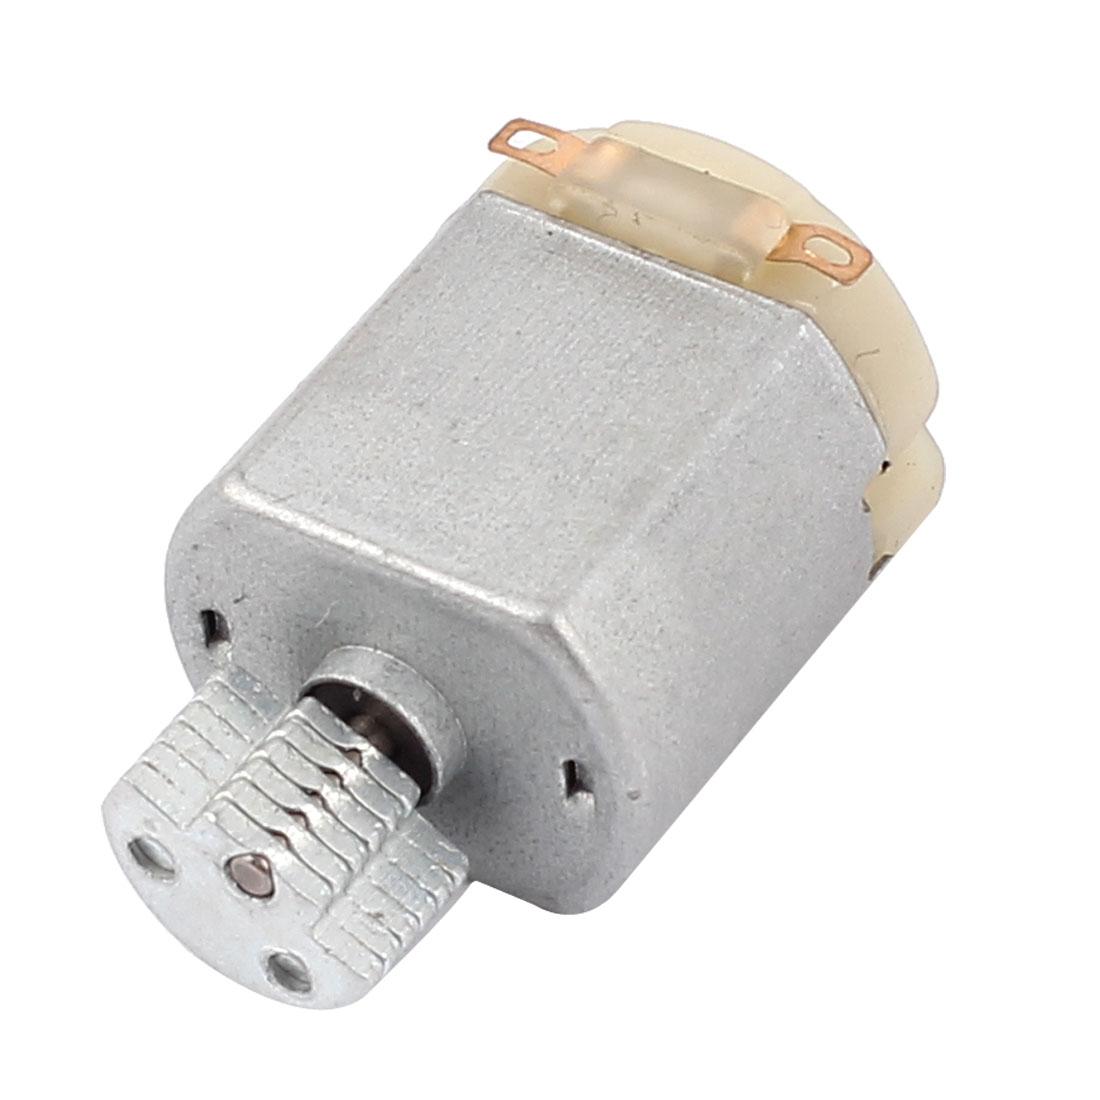 DC 3V 5000RPM Mini Vibration Vibrating Electric Motor for Toy Massager